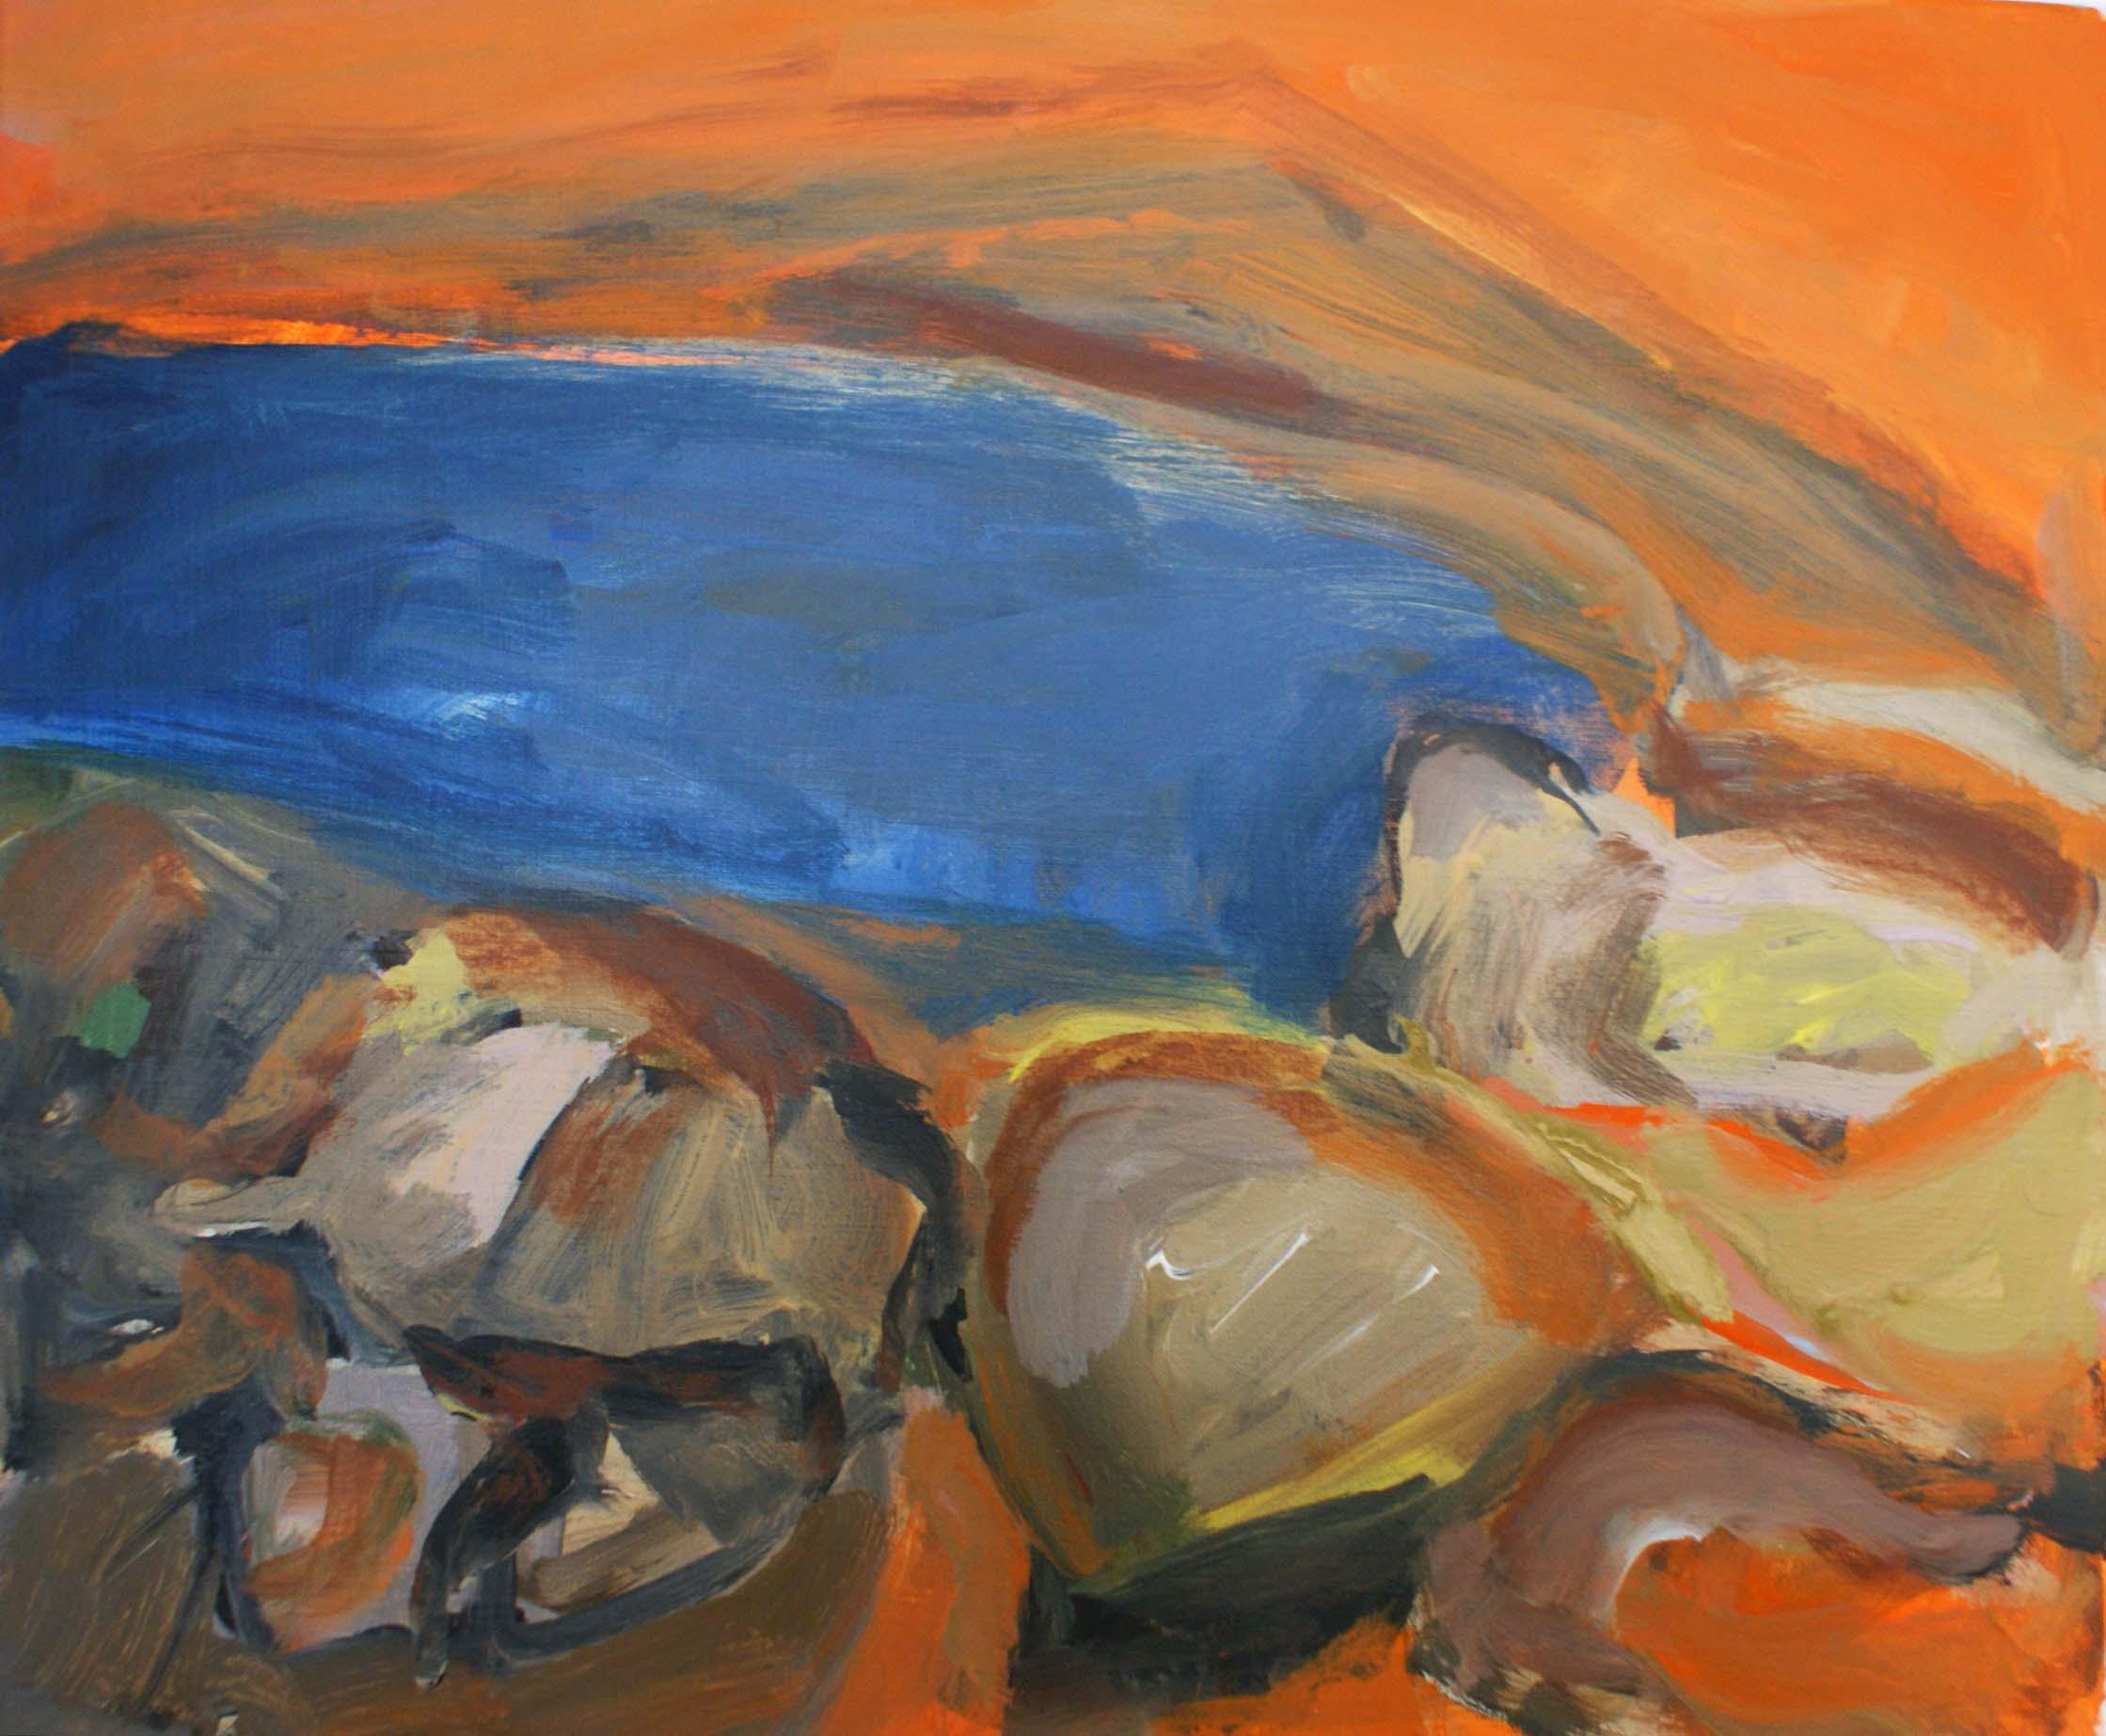 pierres_et_mer_au_couché_du_soleil,_2016,_55x45,5_acrylique_sur_toile_sm